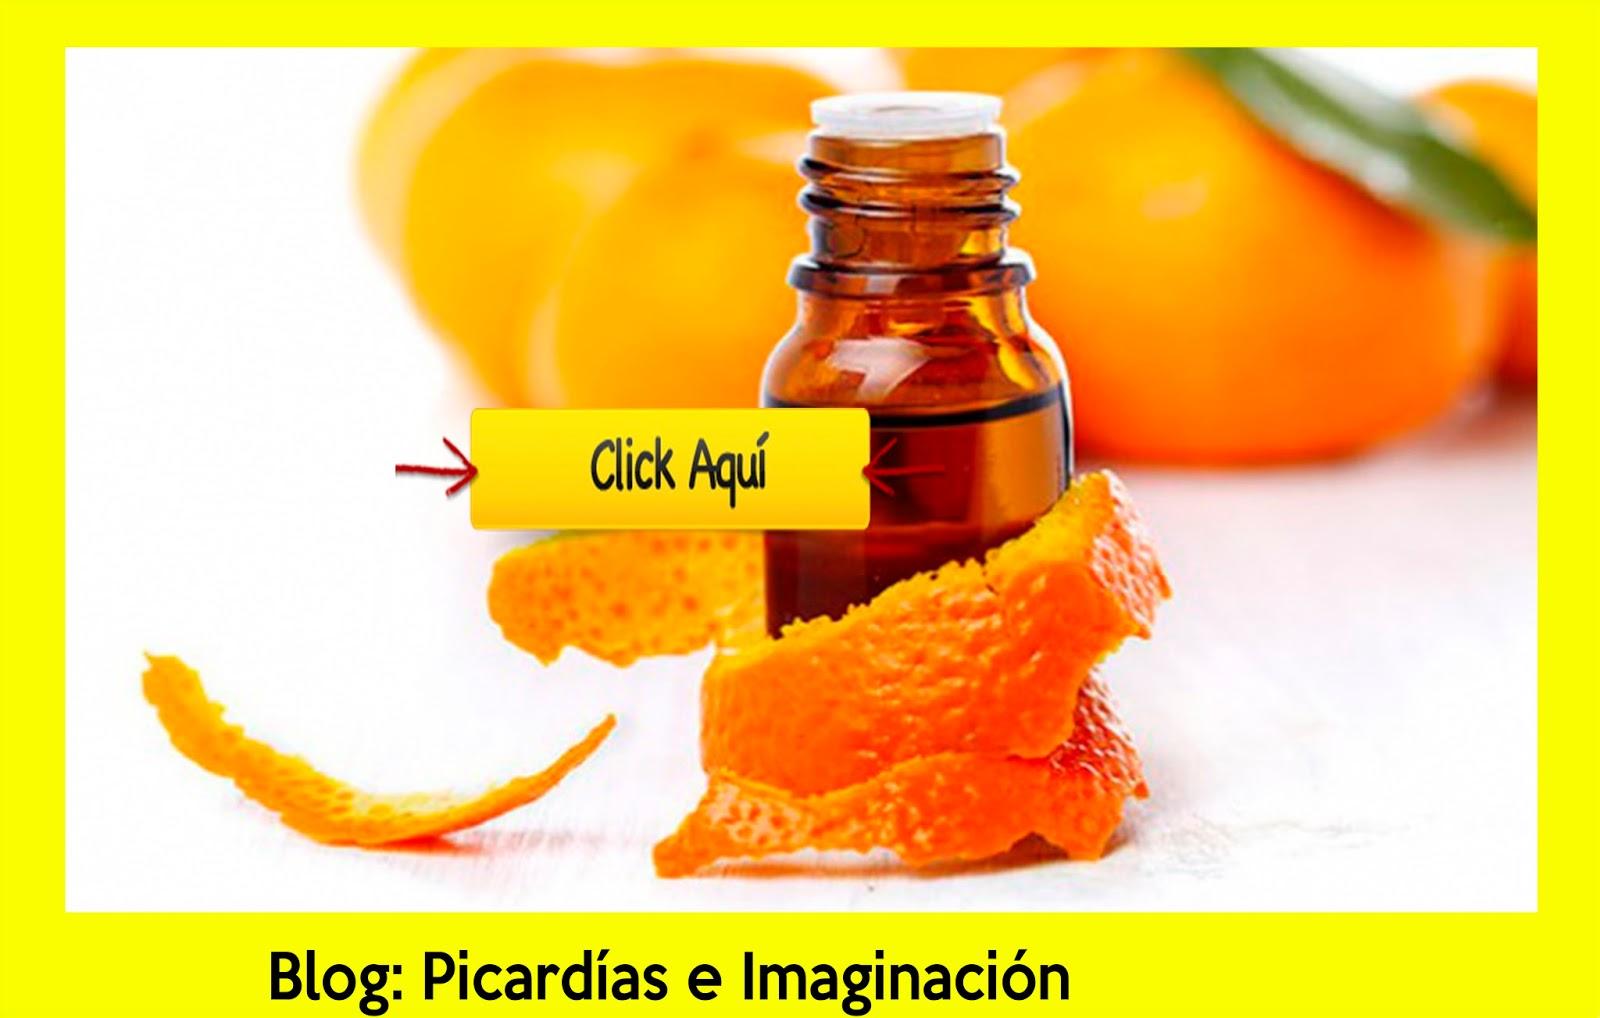 Picard as e imaginaci n aceite esencial de naranja contra - Como se quitan las manchas de aceite ...